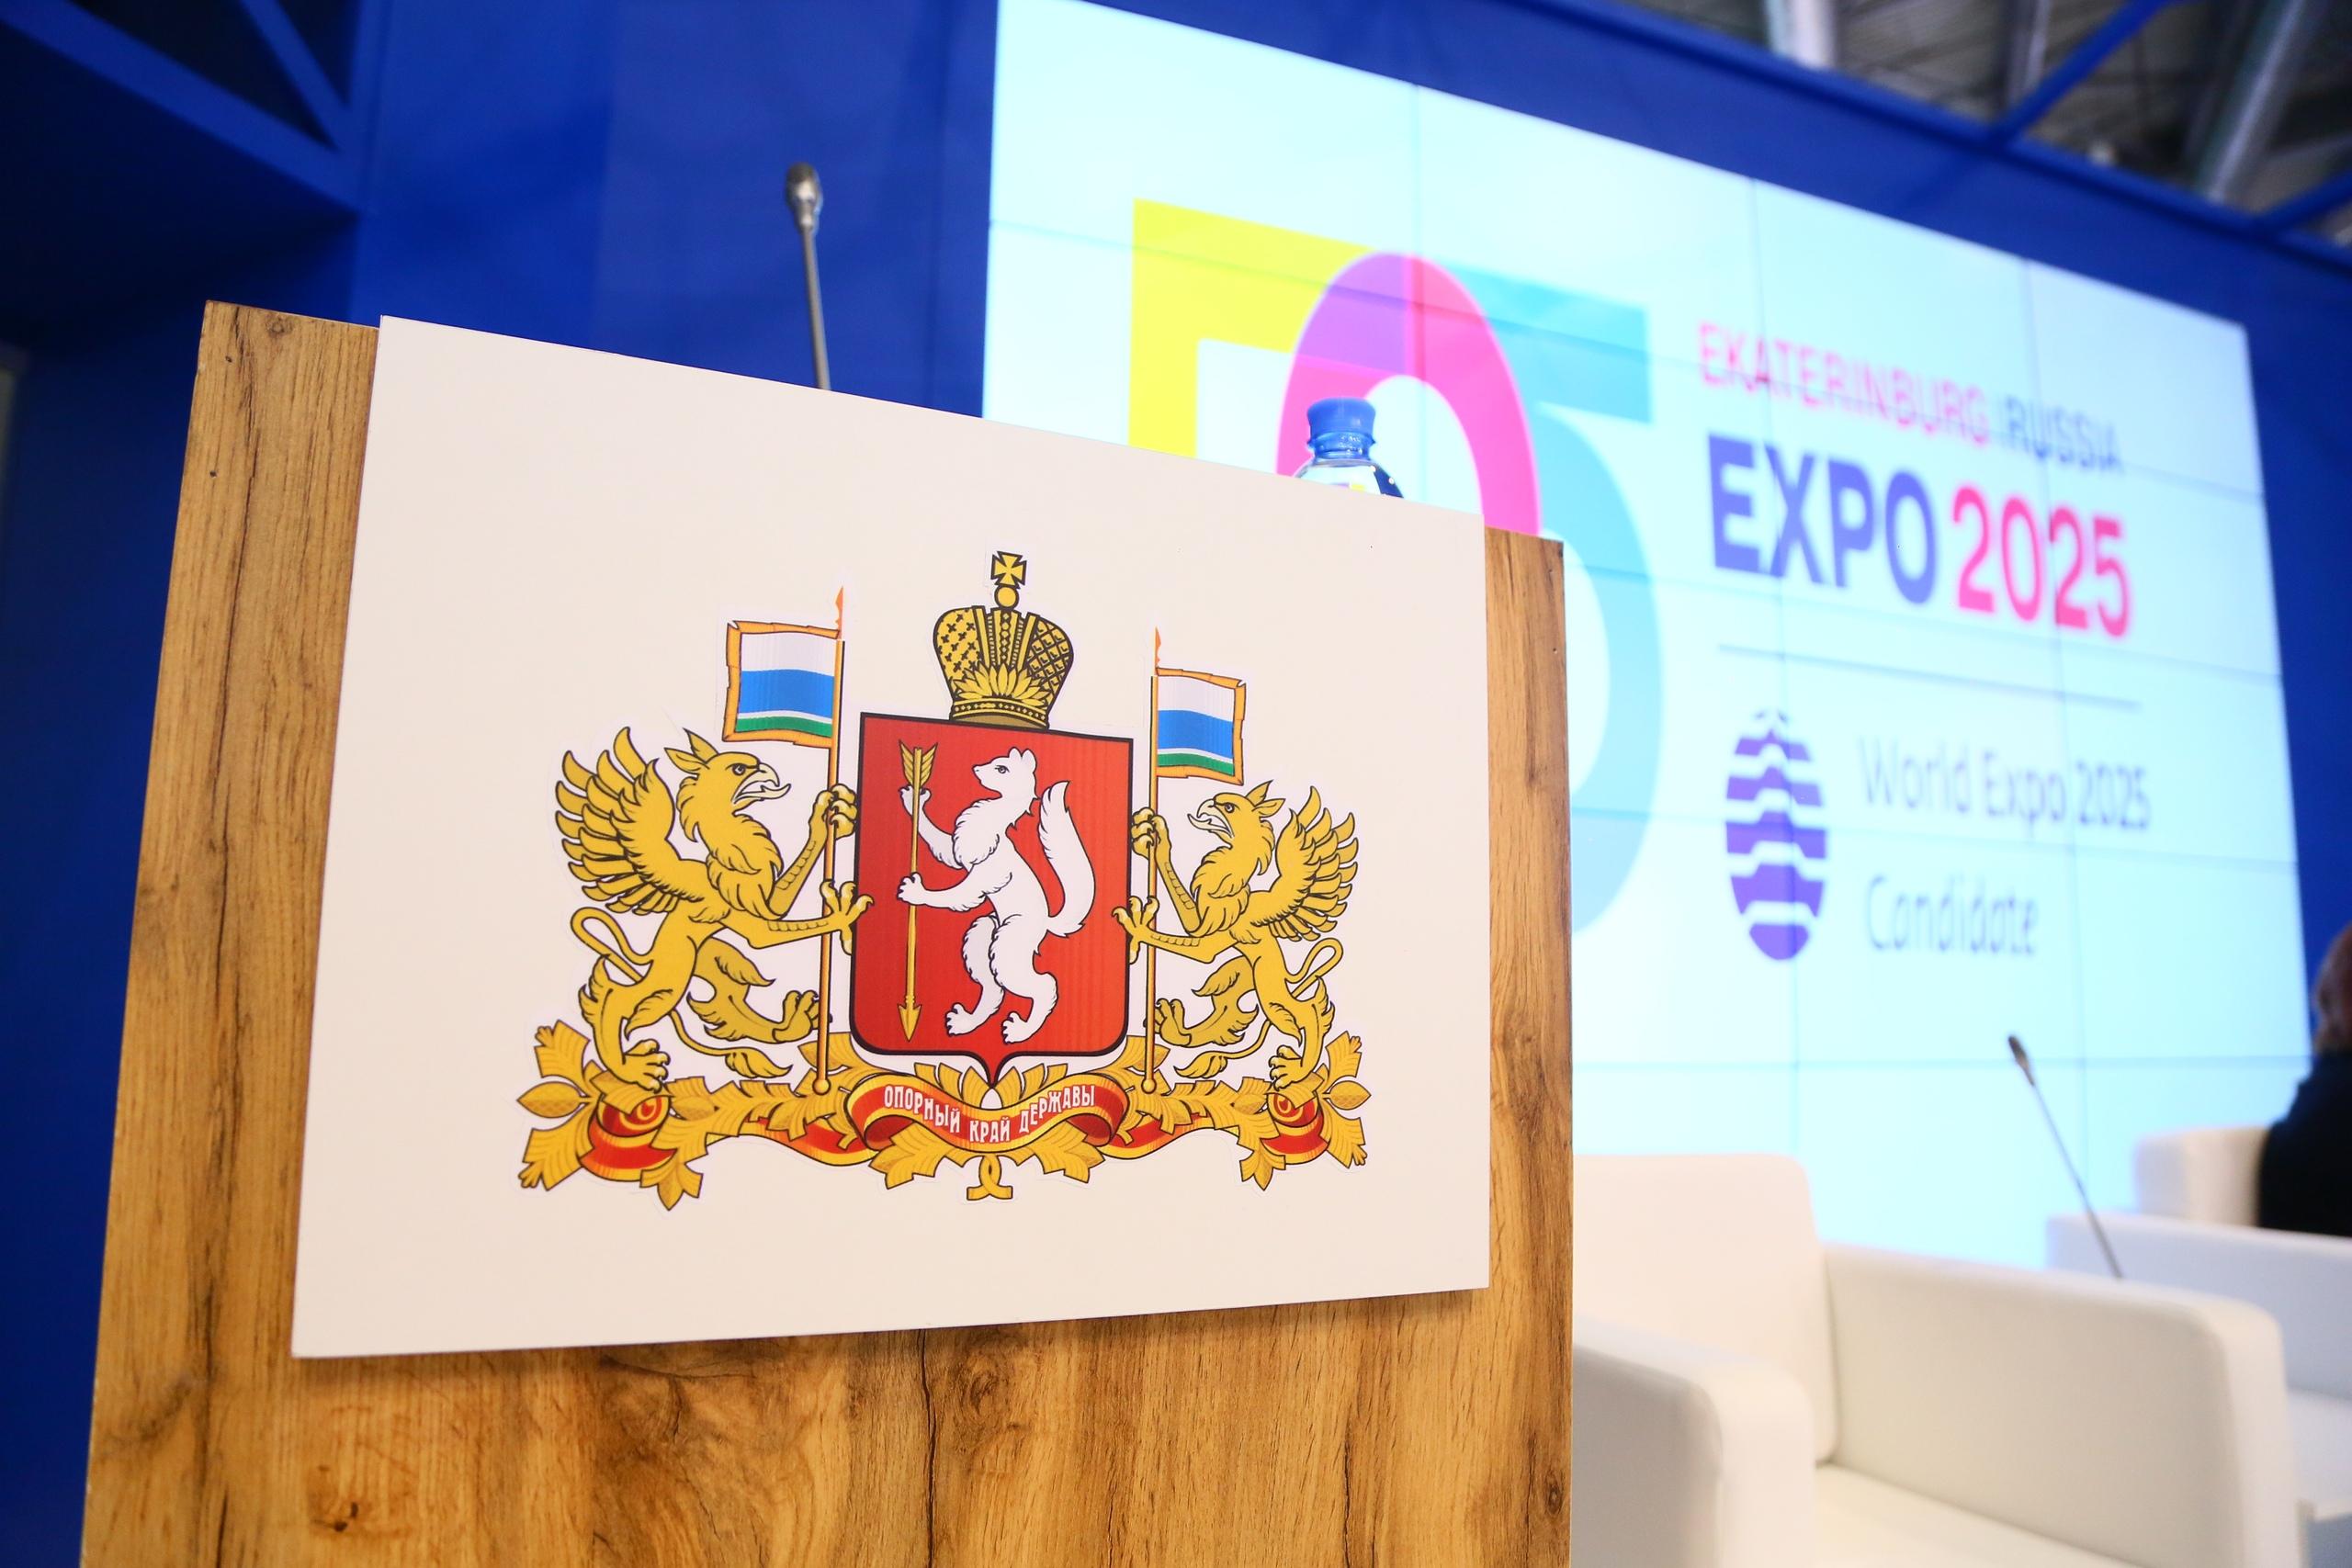 Мантуров: проведение GMIS повысит шанс Екатеринбурга на принятие ЭКСПО